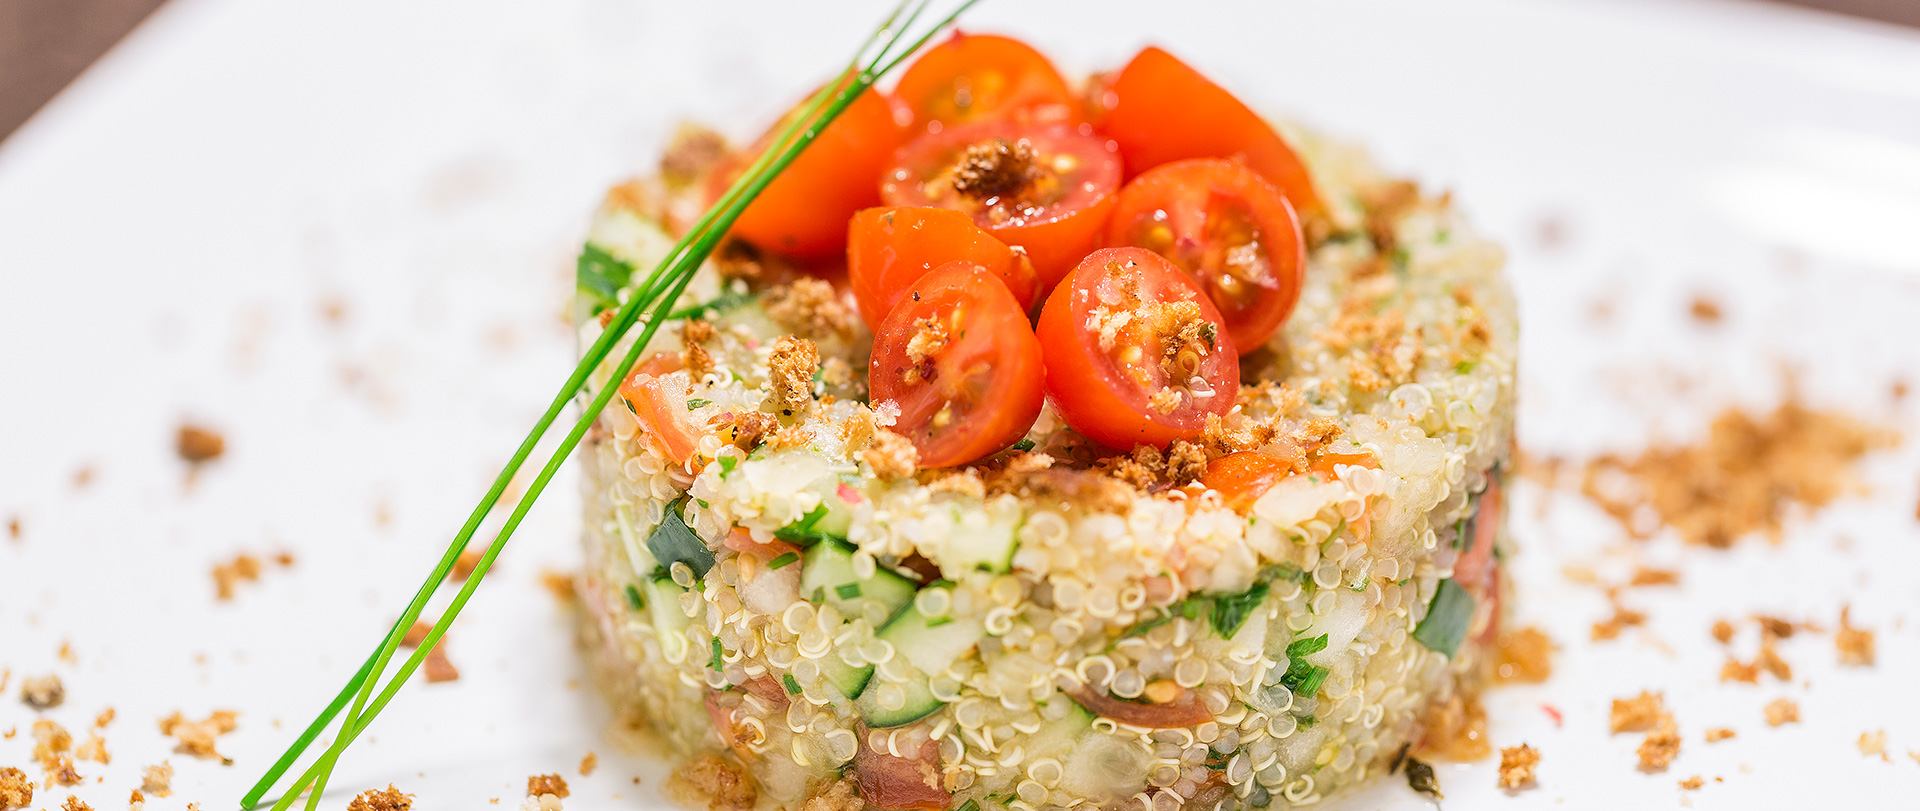 Tabule de quinoa com farofinha crocante